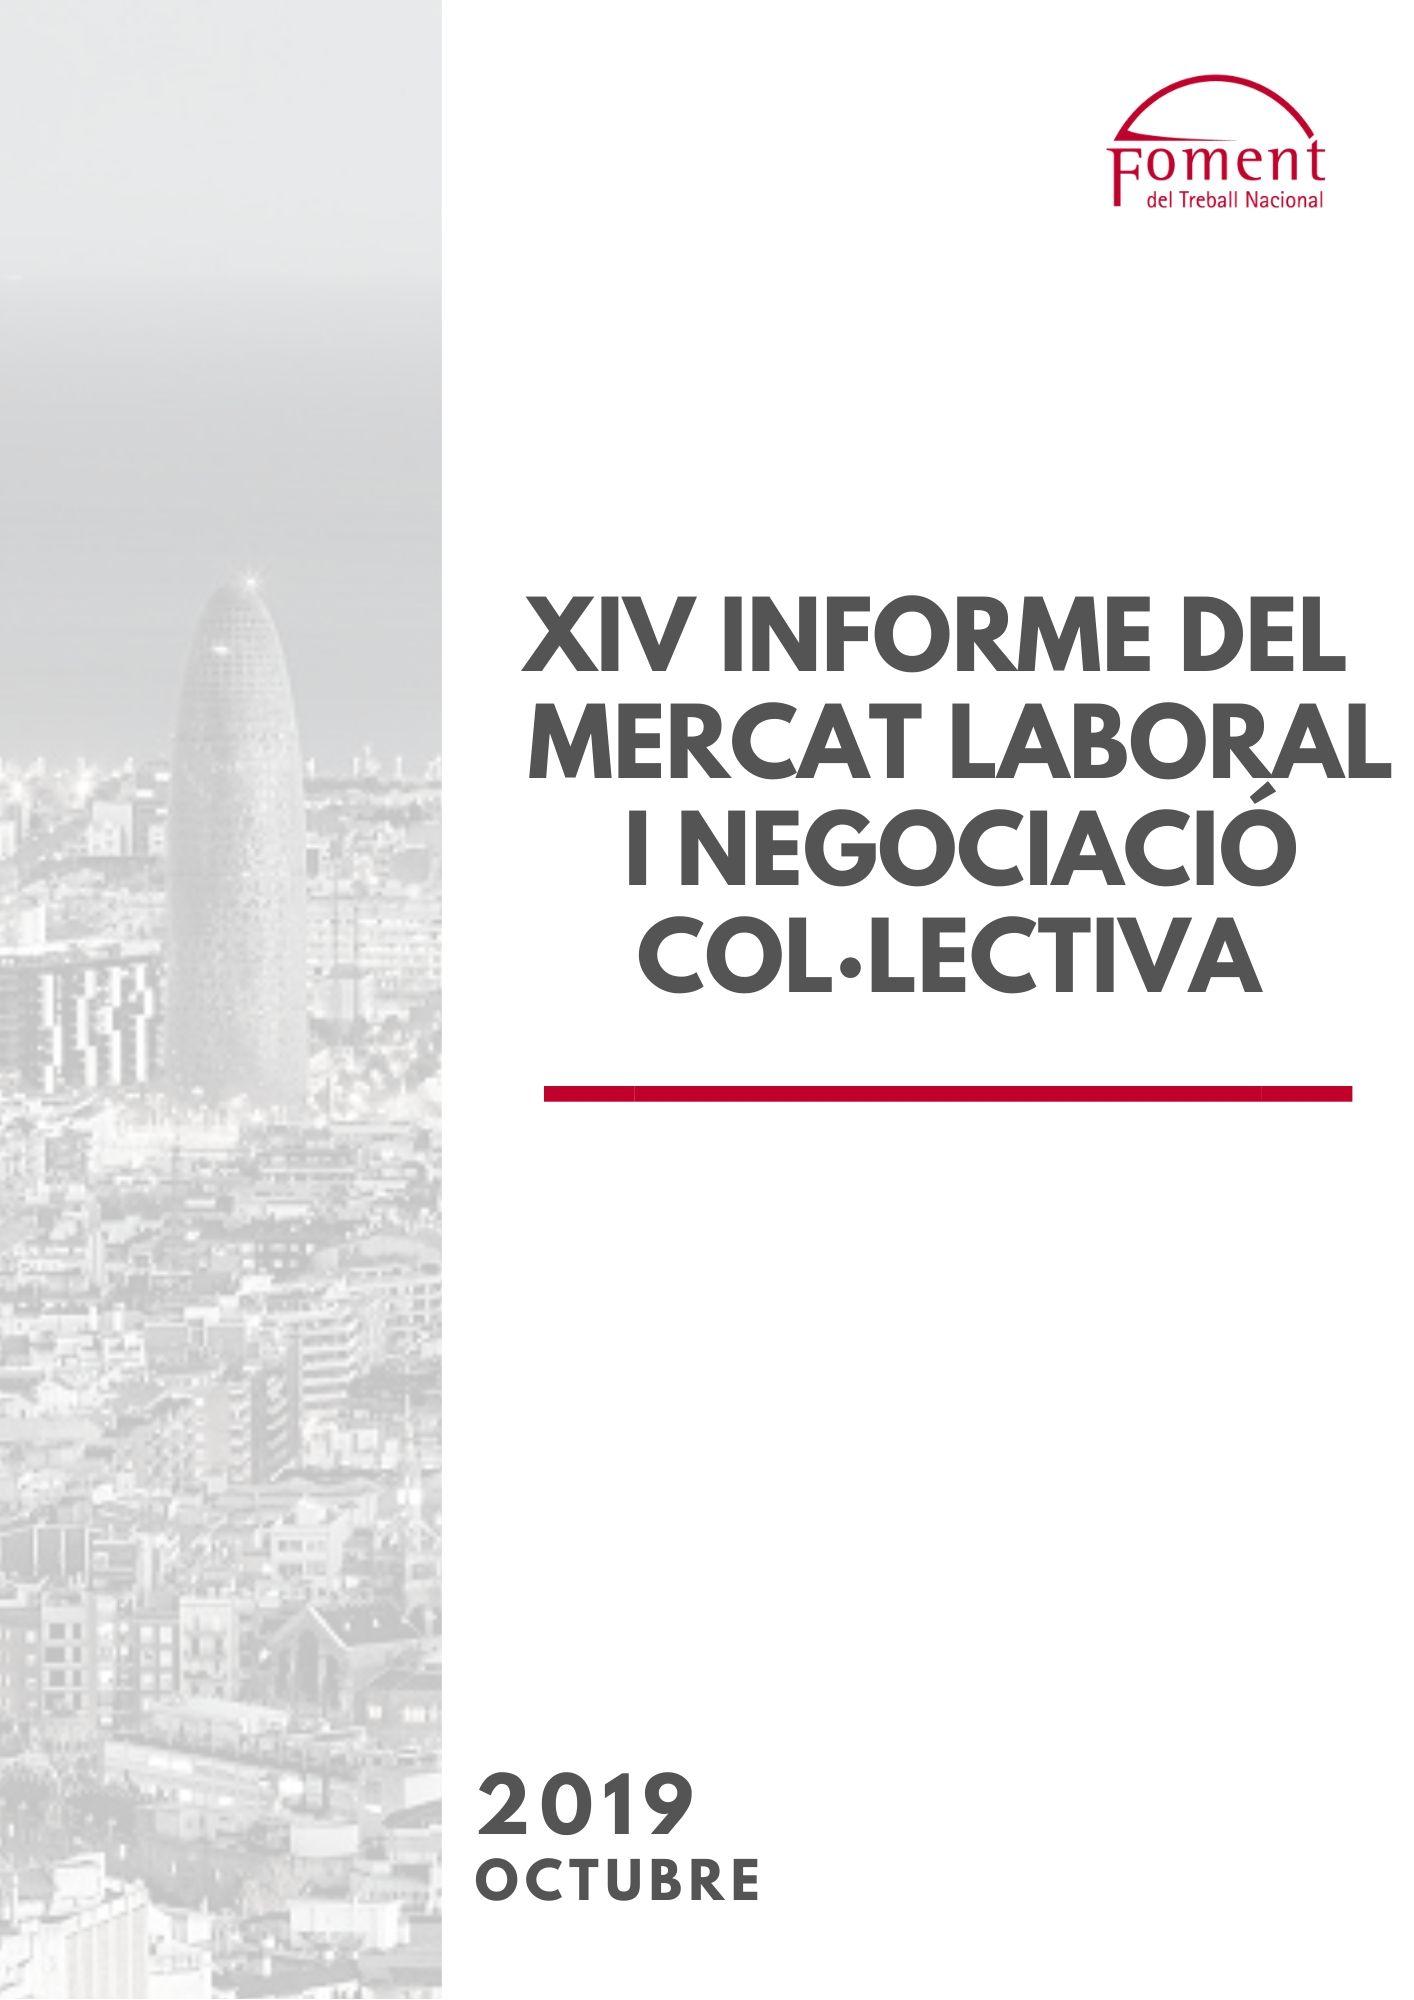 XIV Informe de Mercat Laboral i Negociació Col·lectiva